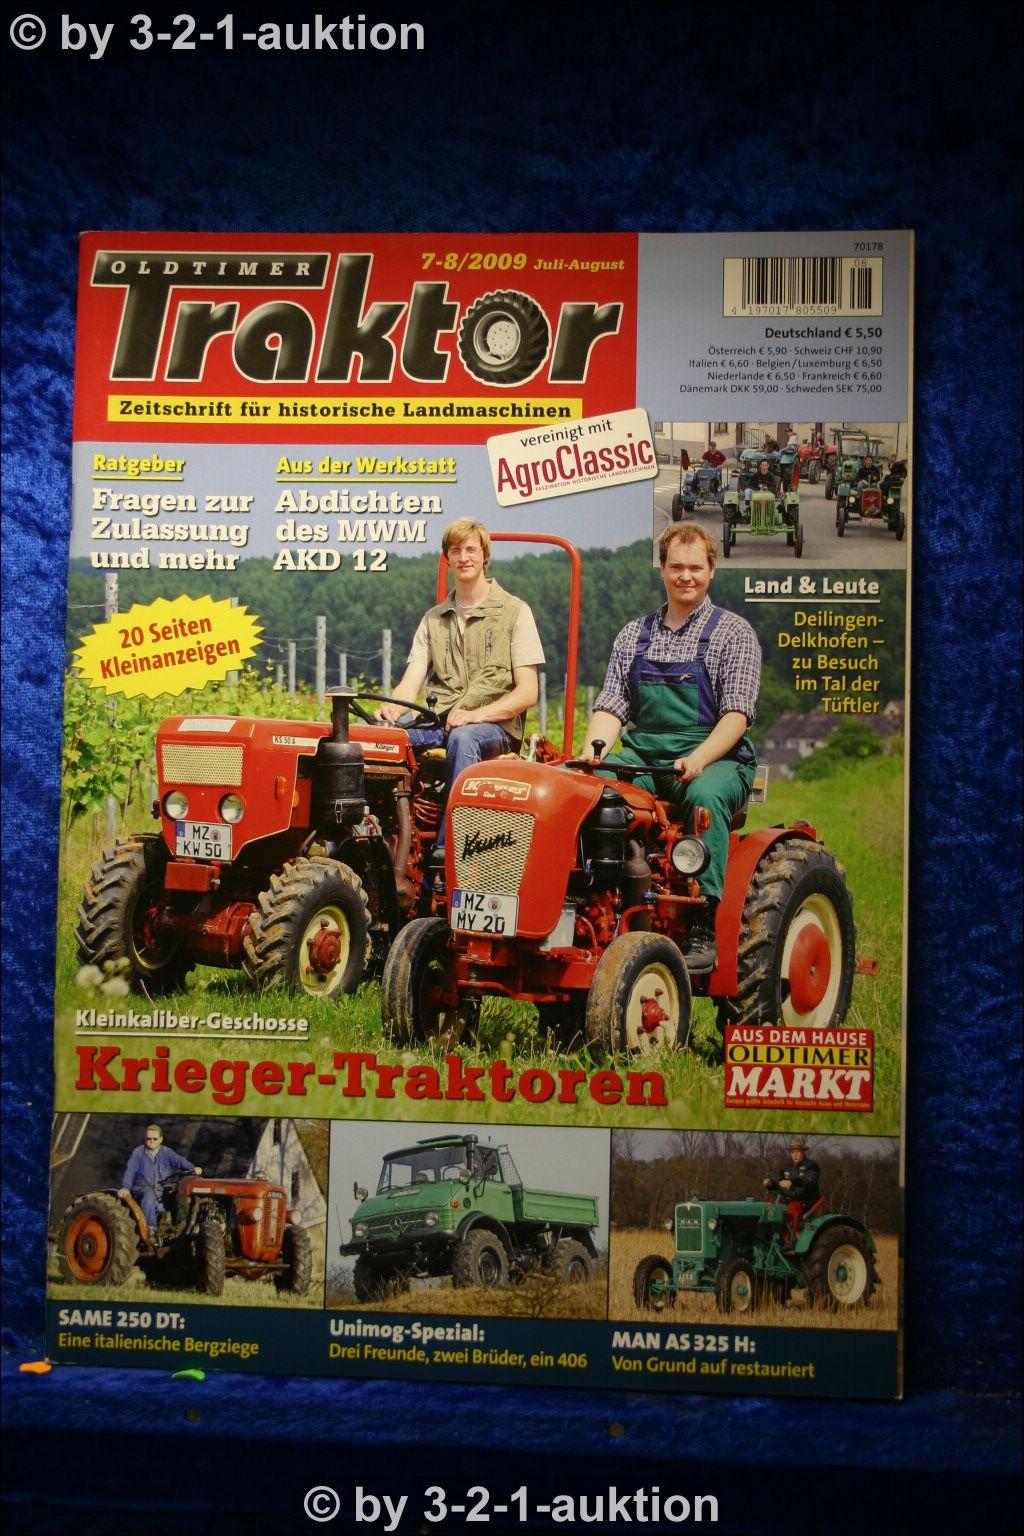 oldtimer traktor 7 8 09 krieger schmalspur unimog 406 man. Black Bedroom Furniture Sets. Home Design Ideas